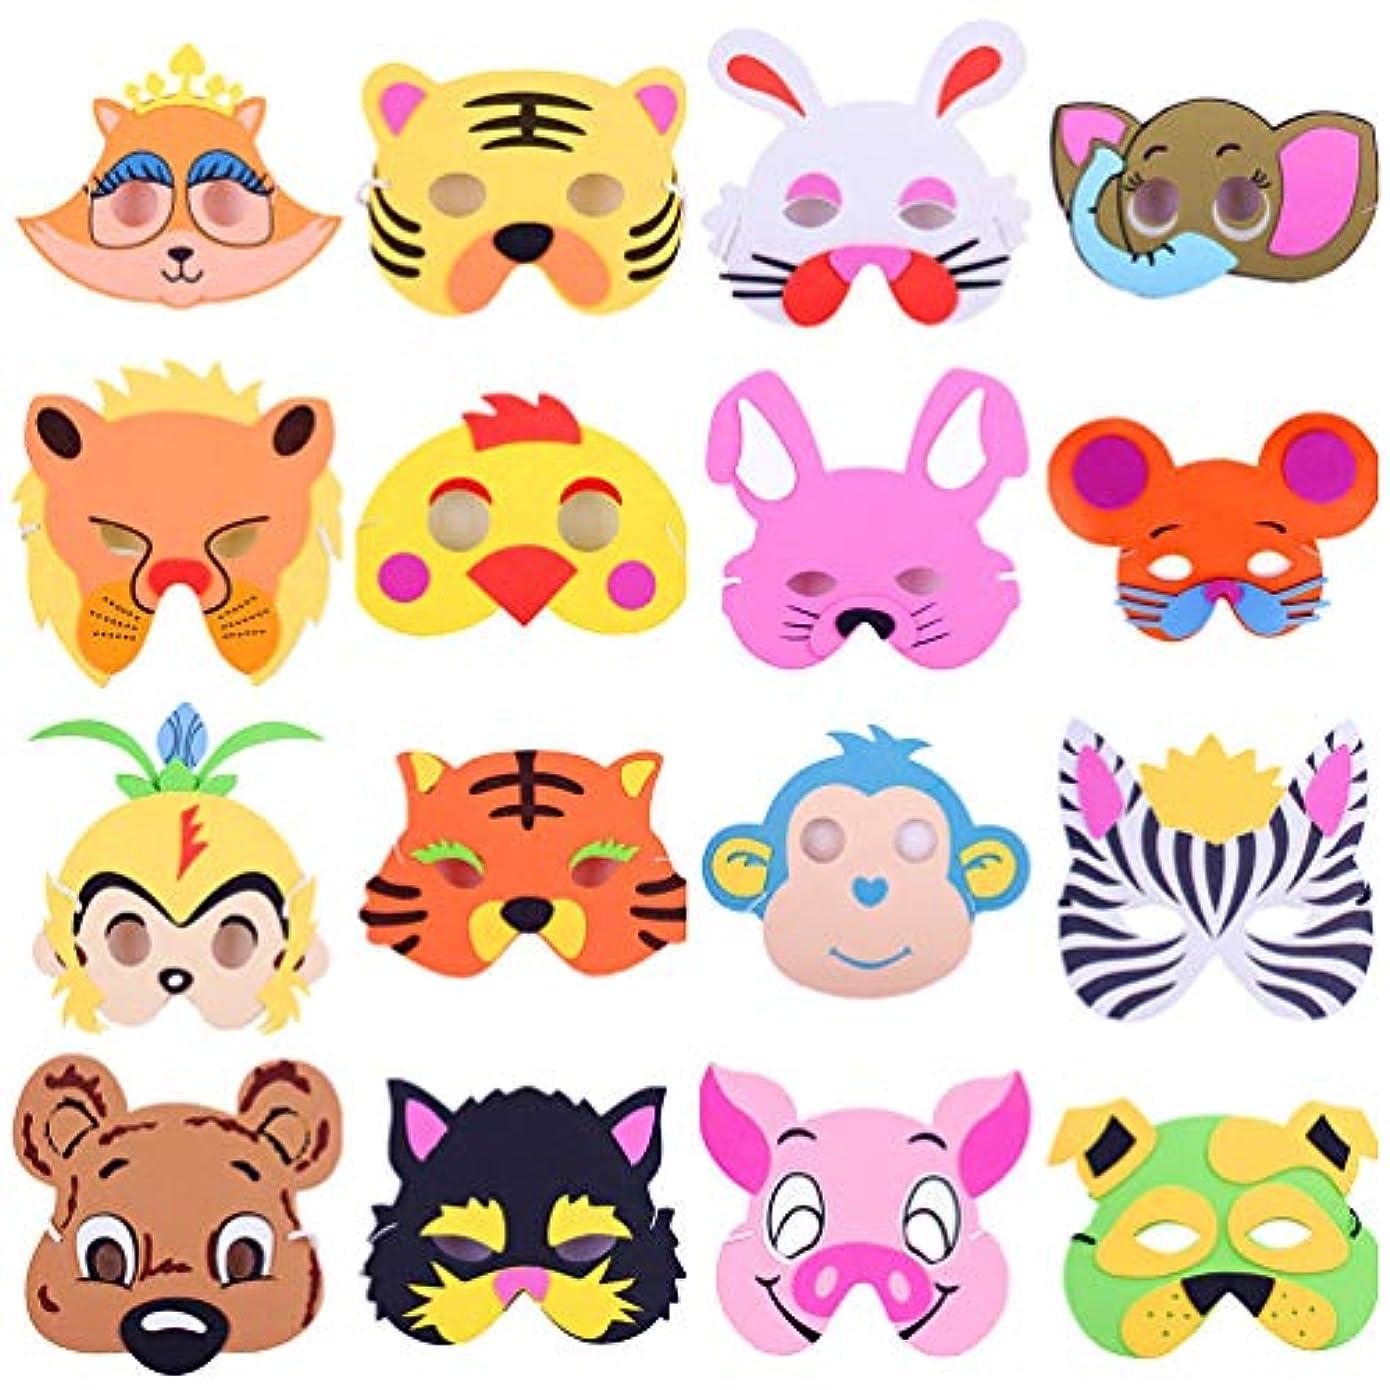 摩擦急行するほのかNUOBESTY フェイスマスクかわいい装飾evaクリエイティブ漫画面白いマスク動物マスクセットプロップマスク用キッズ大人16ピース